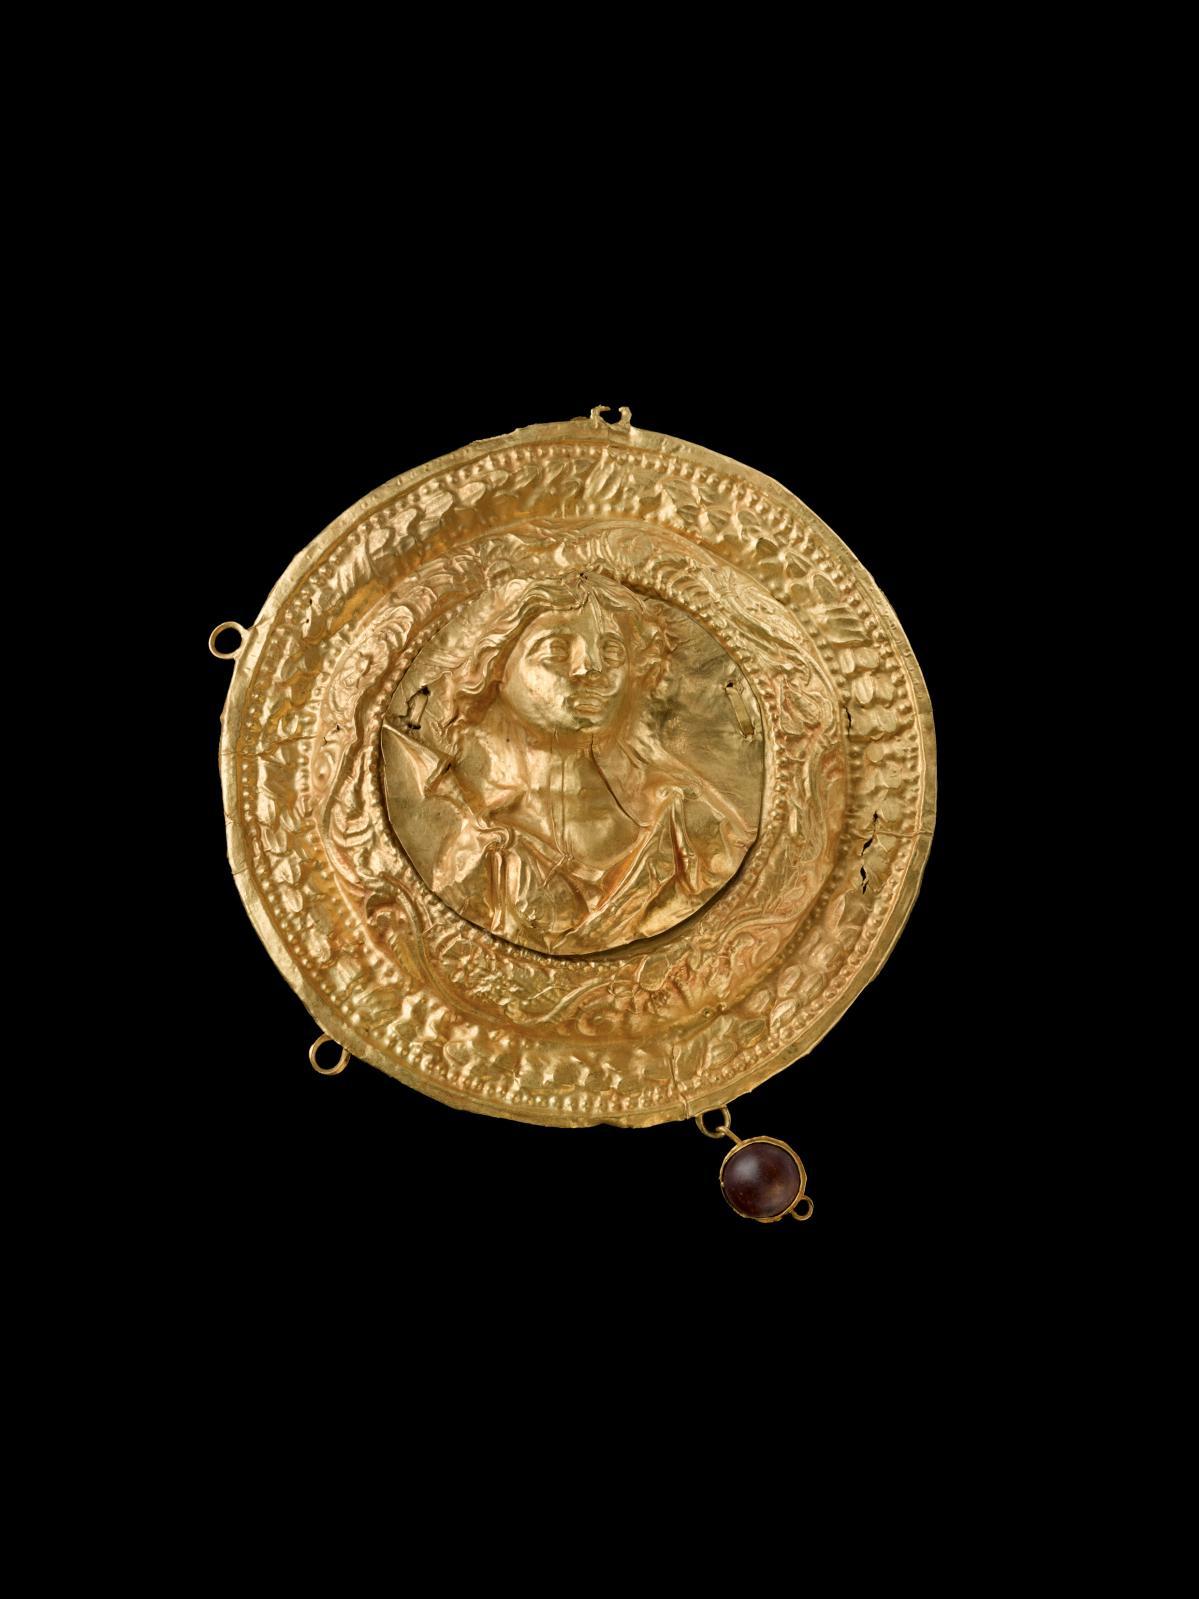 Art hellénistique, IVe-IIIesiècleav.J.-C. Ornement de coiffure circulaire au buste de la déesse Artémis, or et pierre rouge, diam.8,2cm. Estimati